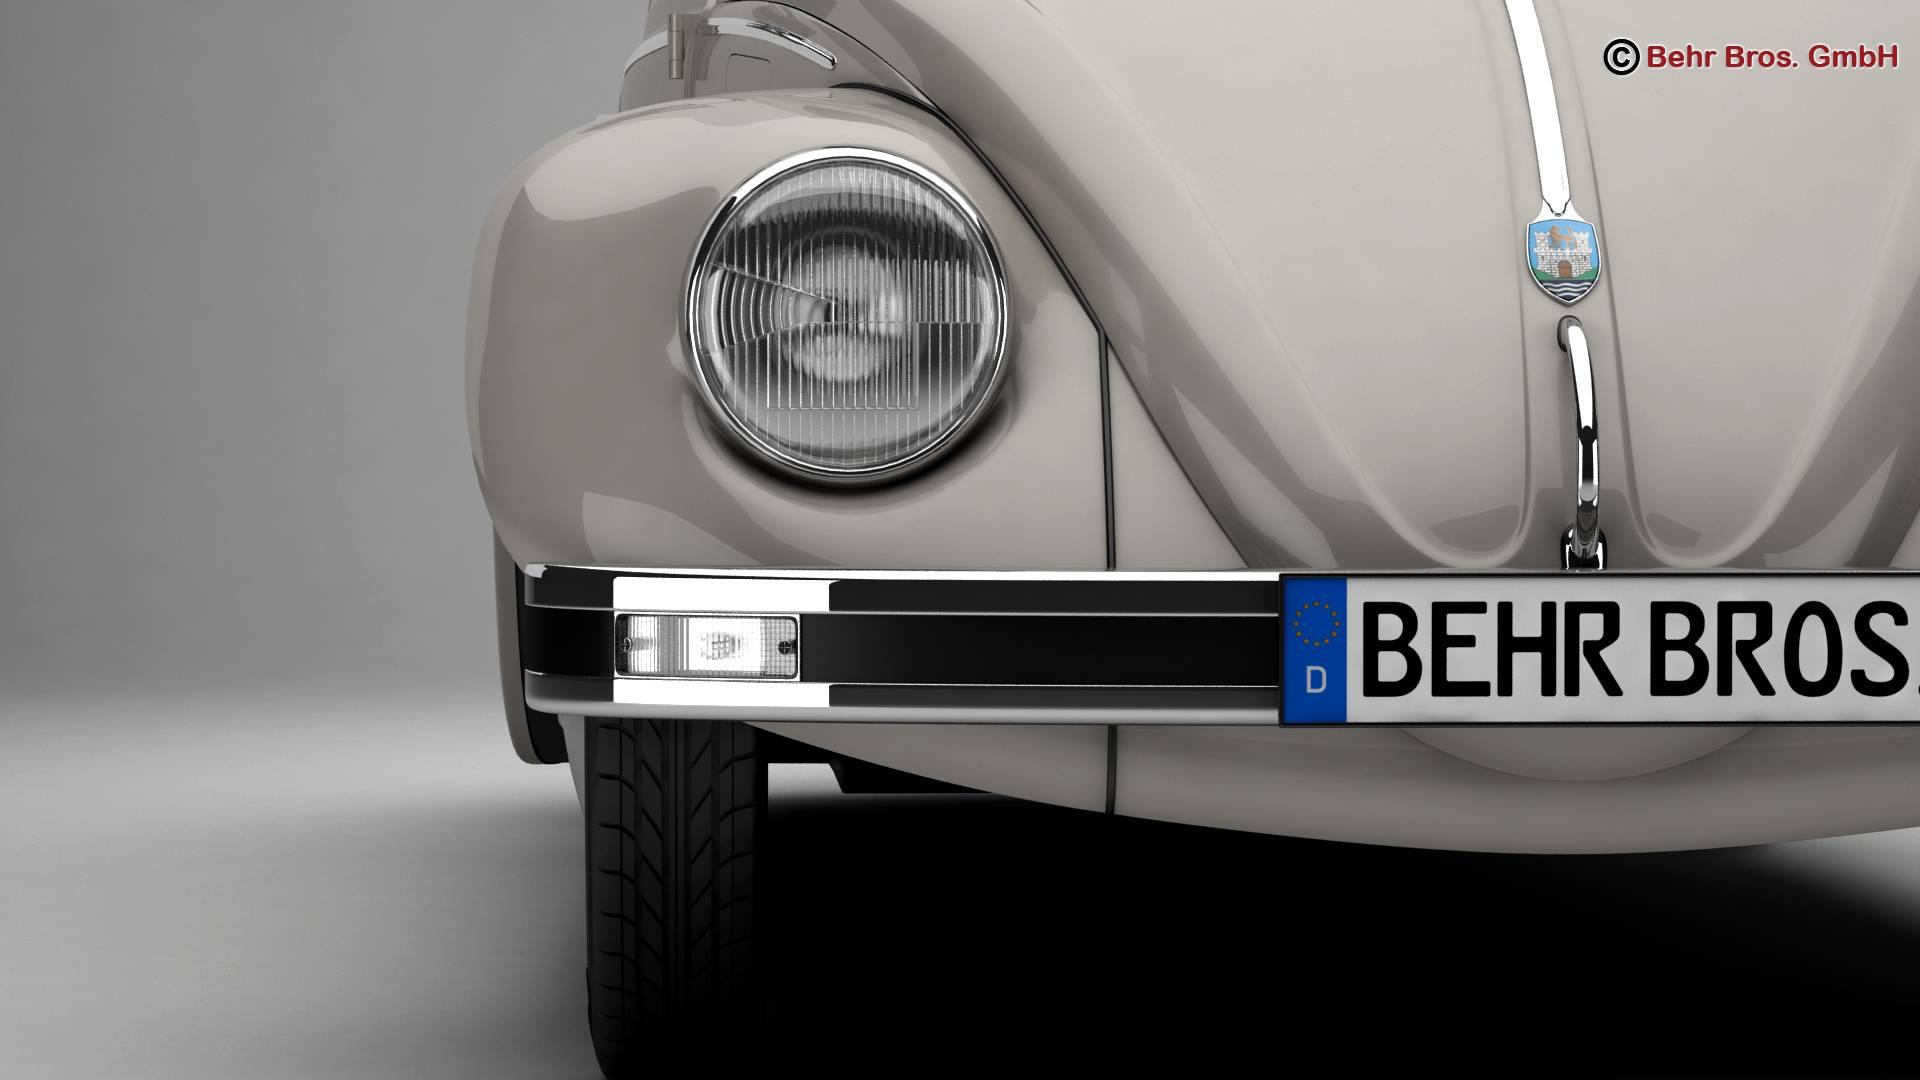 volkswagen beetle 2003 ultima edicion 3d model 3ds max fbx c4d lwo ma mb obj 220884